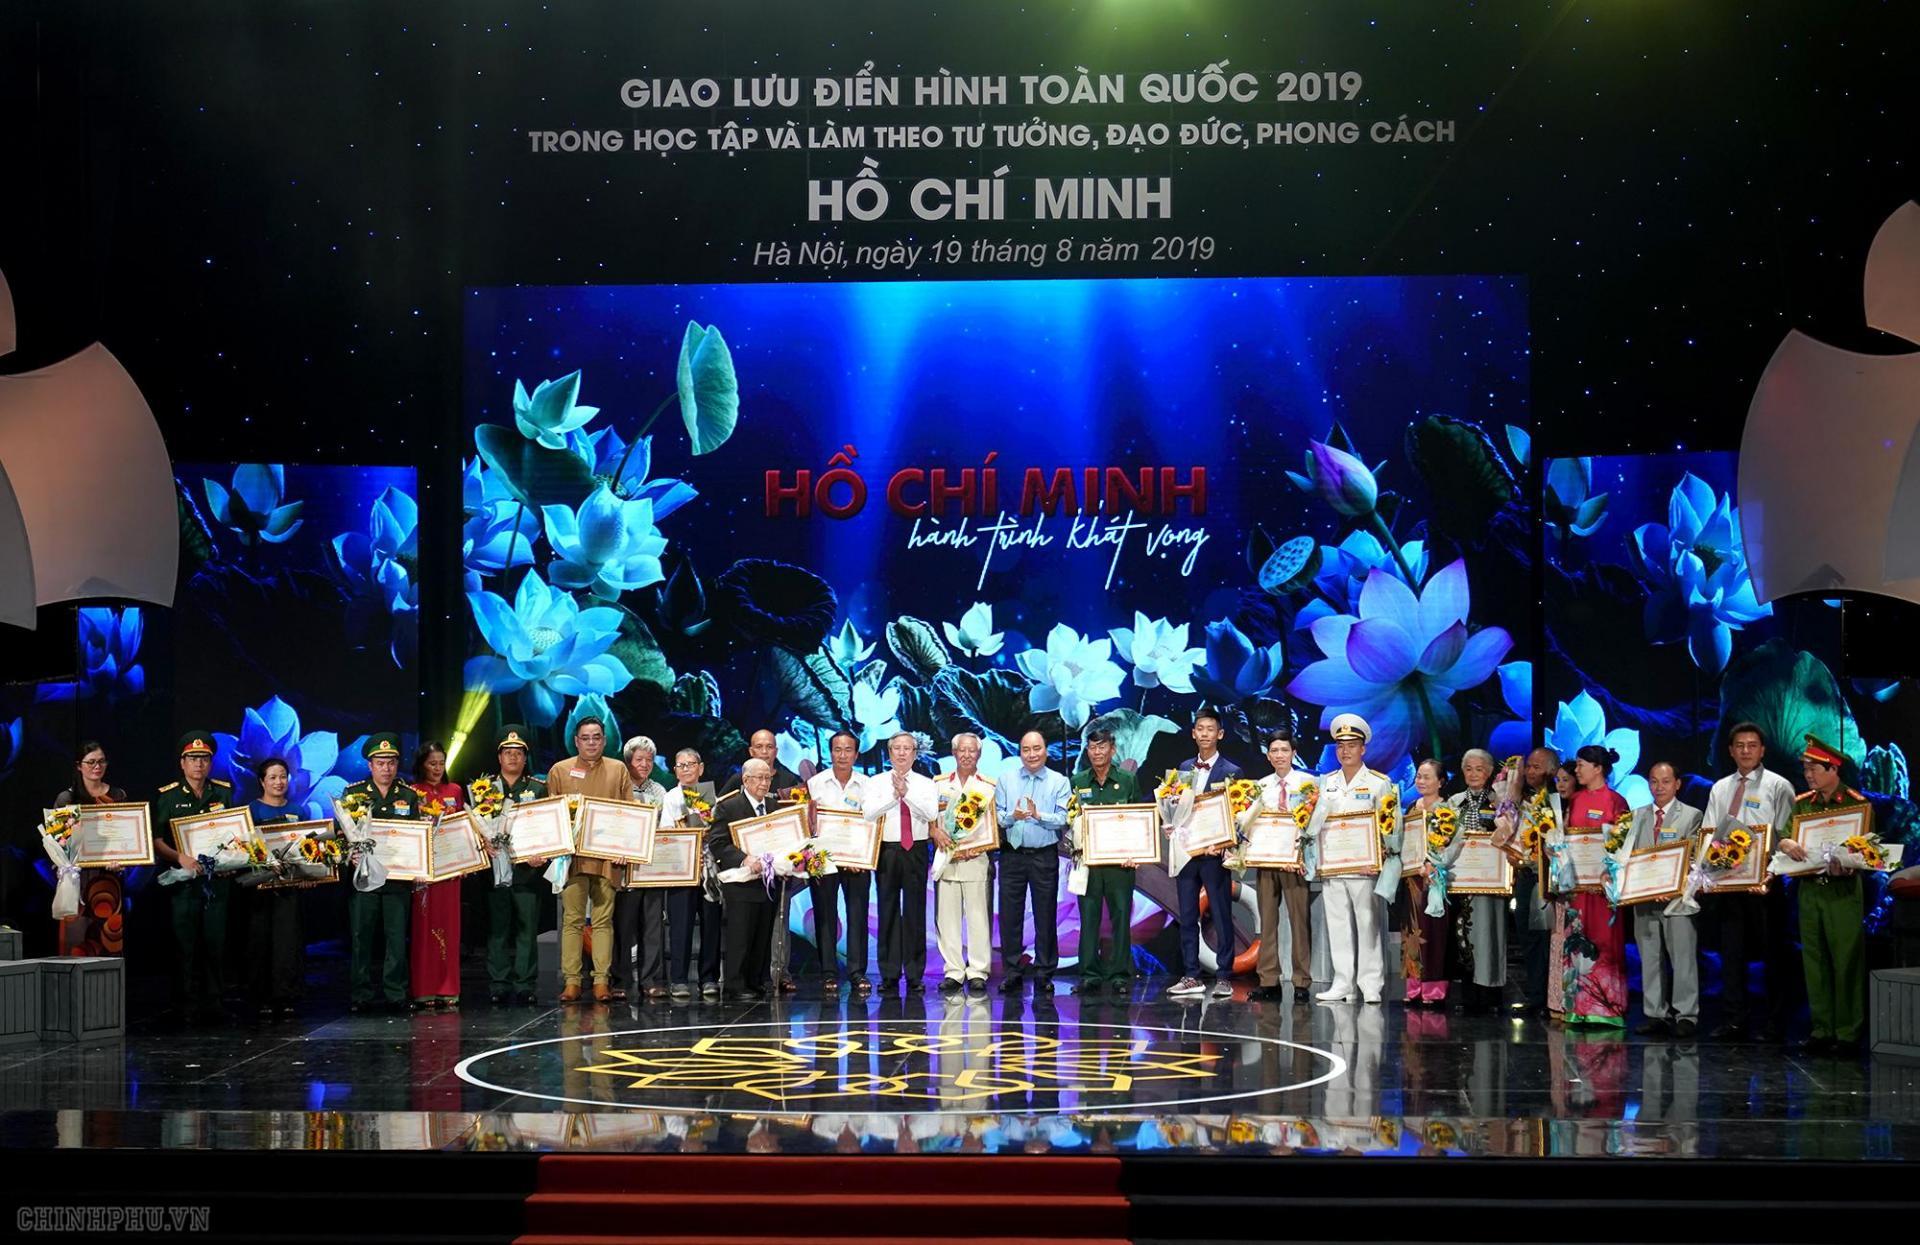 Thủ tướng trao Bằng khen cho các điển hình tiên tiến trong học tập và làm theo tư tưởng, đạo đức, phong cách Chủ tịch Hồ Chí Minh